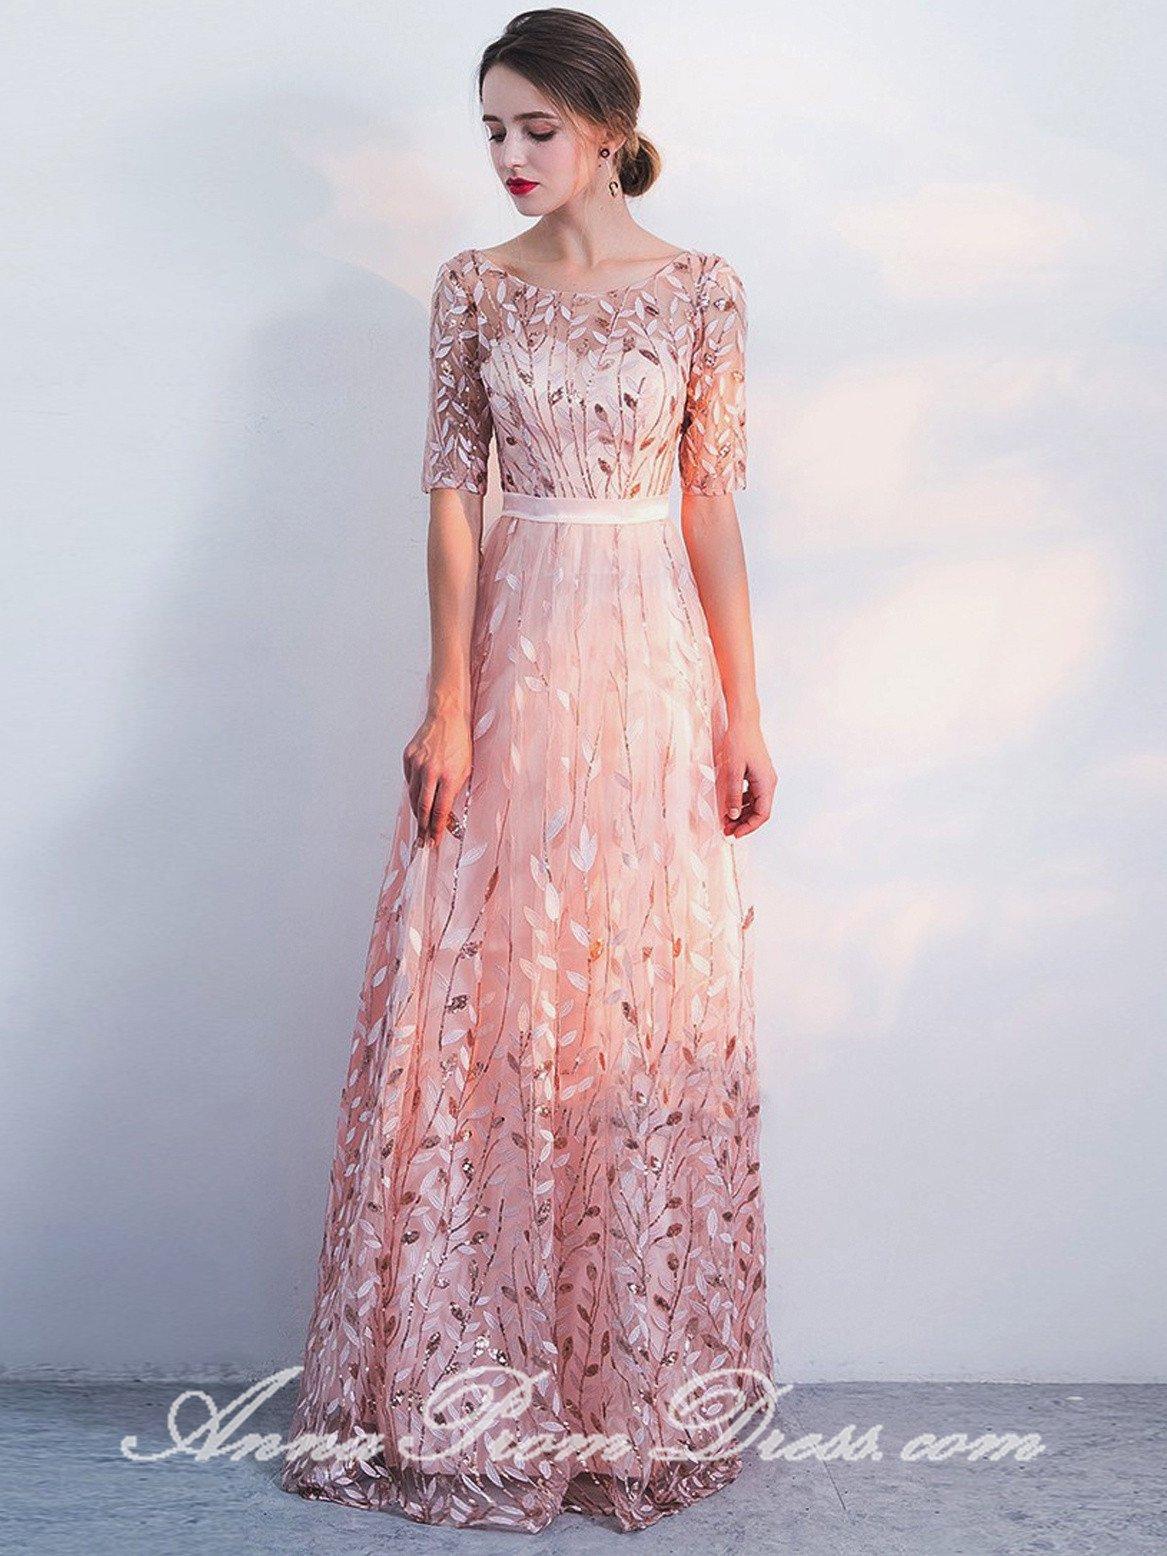 Nett Manchester Prom Kleider Bilder - Brautkleider Ideen - cashingy.info